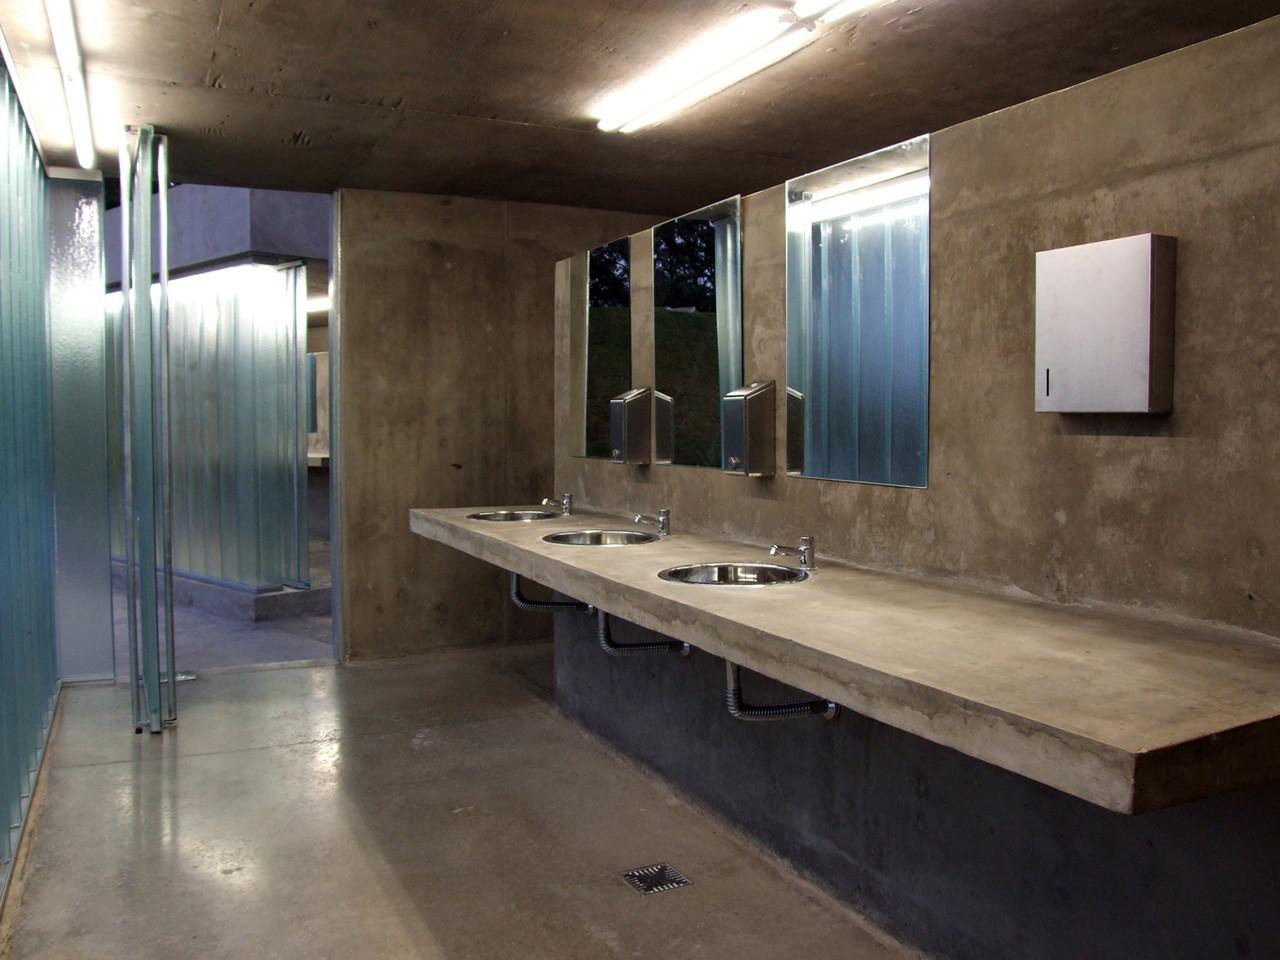 Baños Públicos Parque Urquiza / Diego Jobell  Plataforma ...